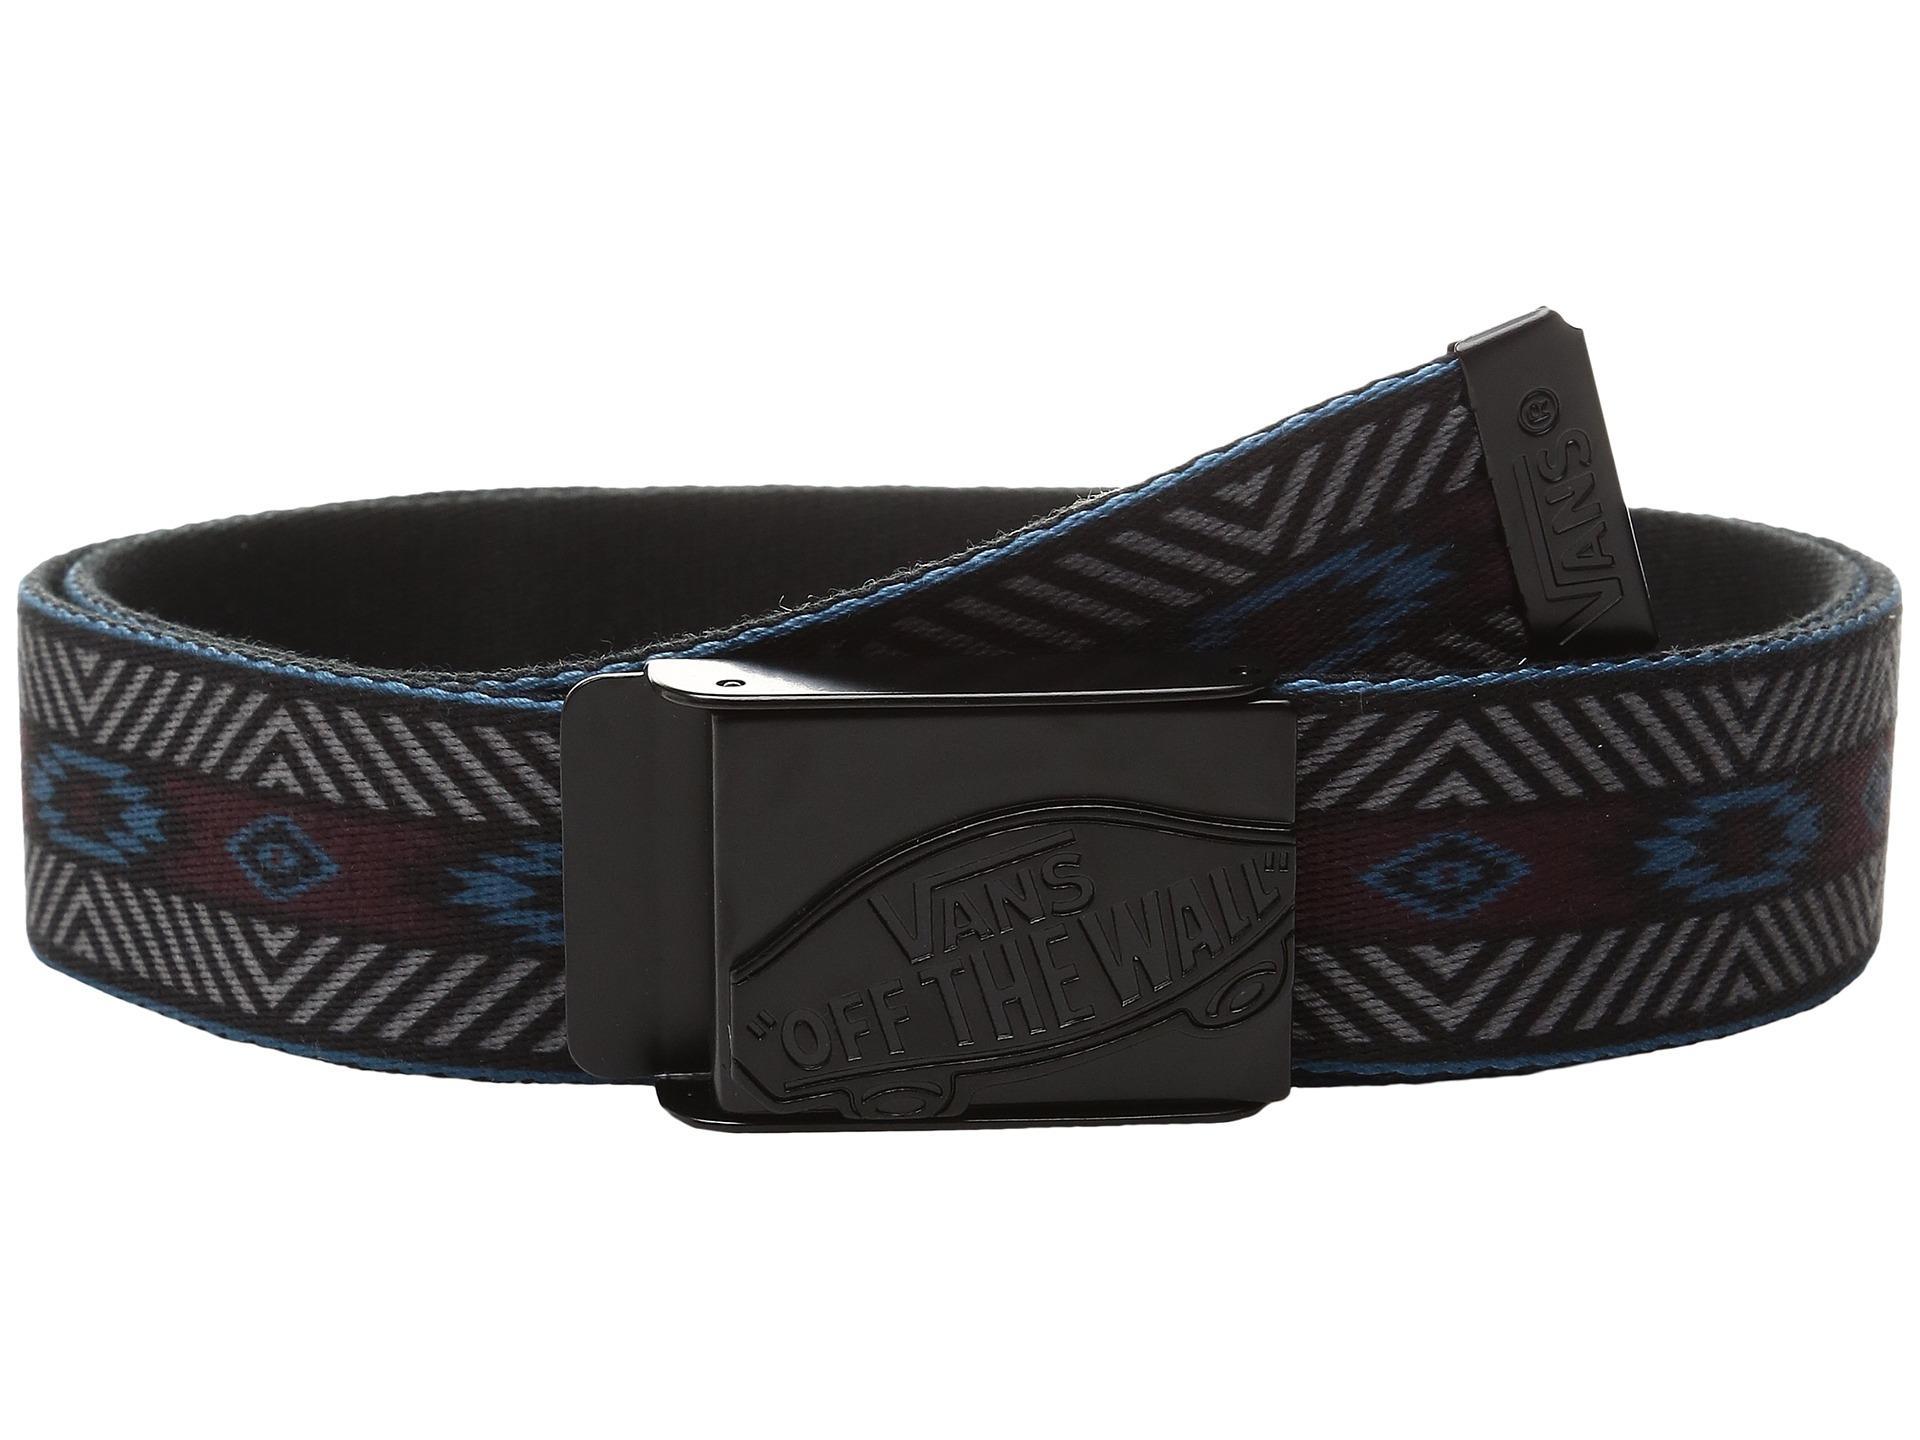 210def18bc Lyst - Vans Shredator Web Belt in Black for Men